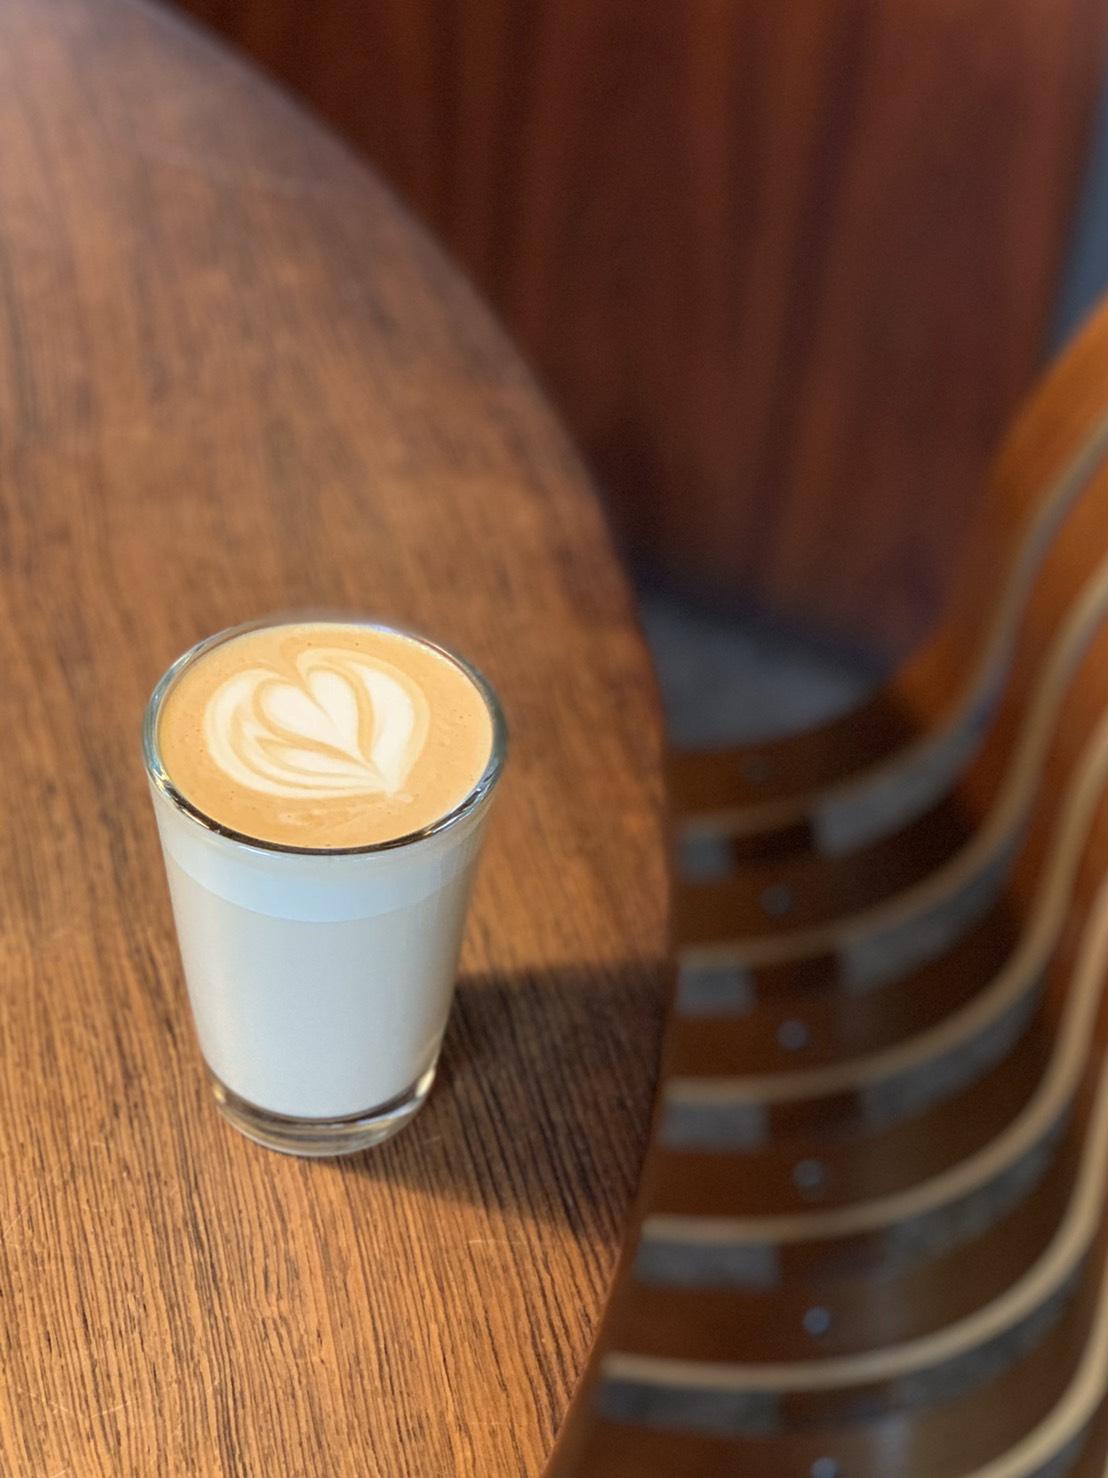 來自挪威奧斯陸的咖啡品牌Fuglen